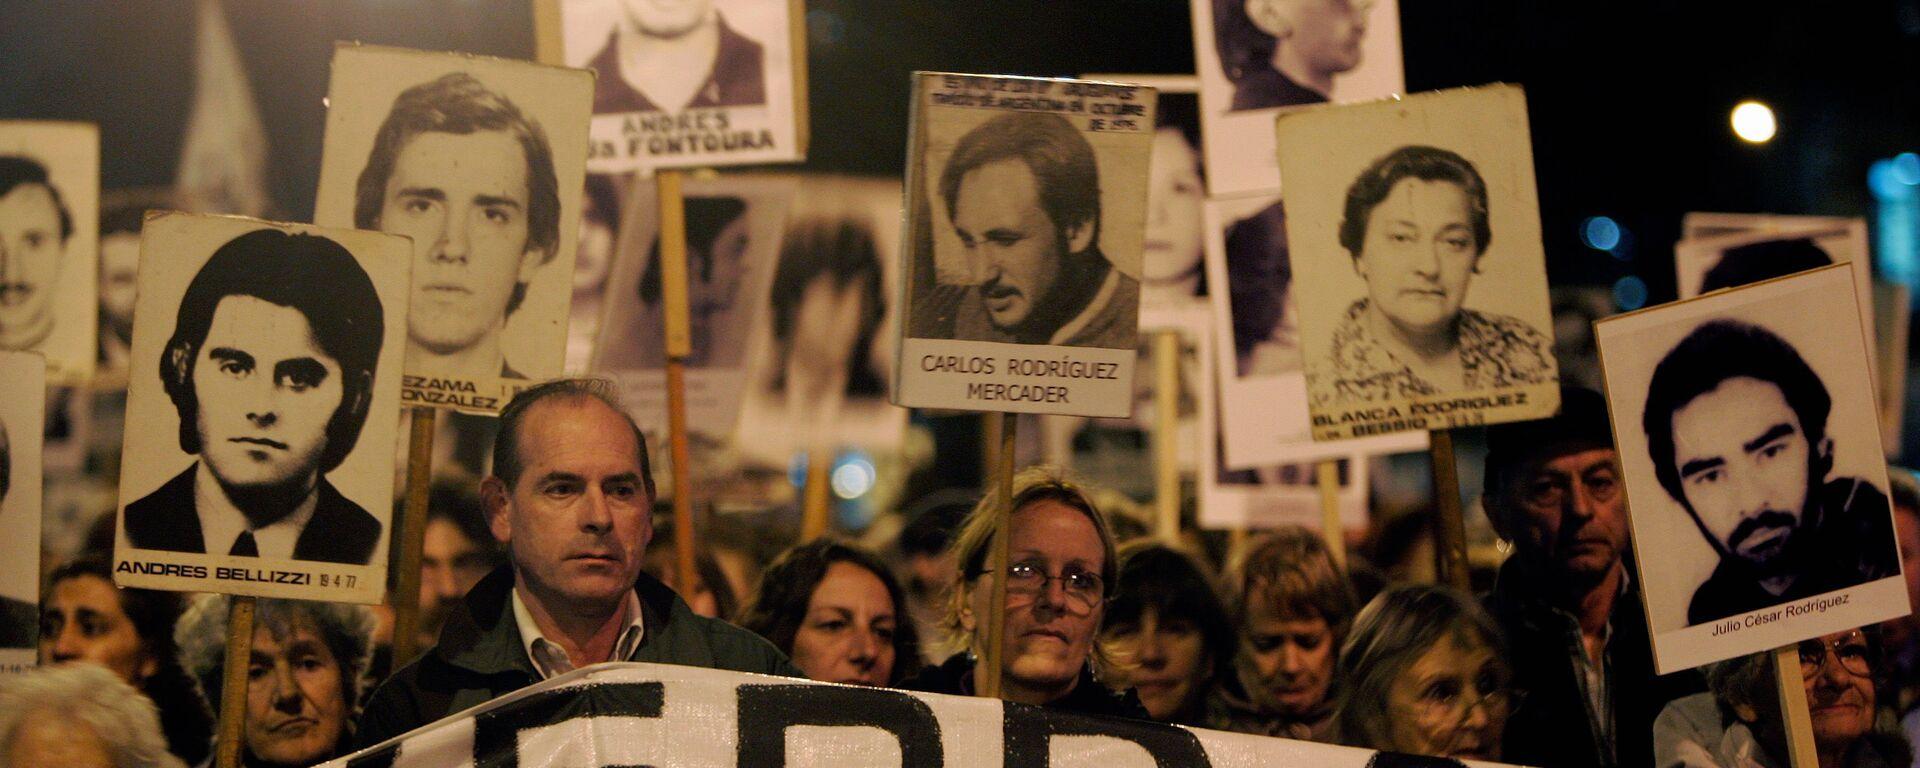 Marcha de Silencio en conmemoración de las víctimas de la dictadura de 1973-1985, 20 de mayo de 2088, Montevideo, Uruguay - Sputnik Mundo, 1920, 24.06.2021